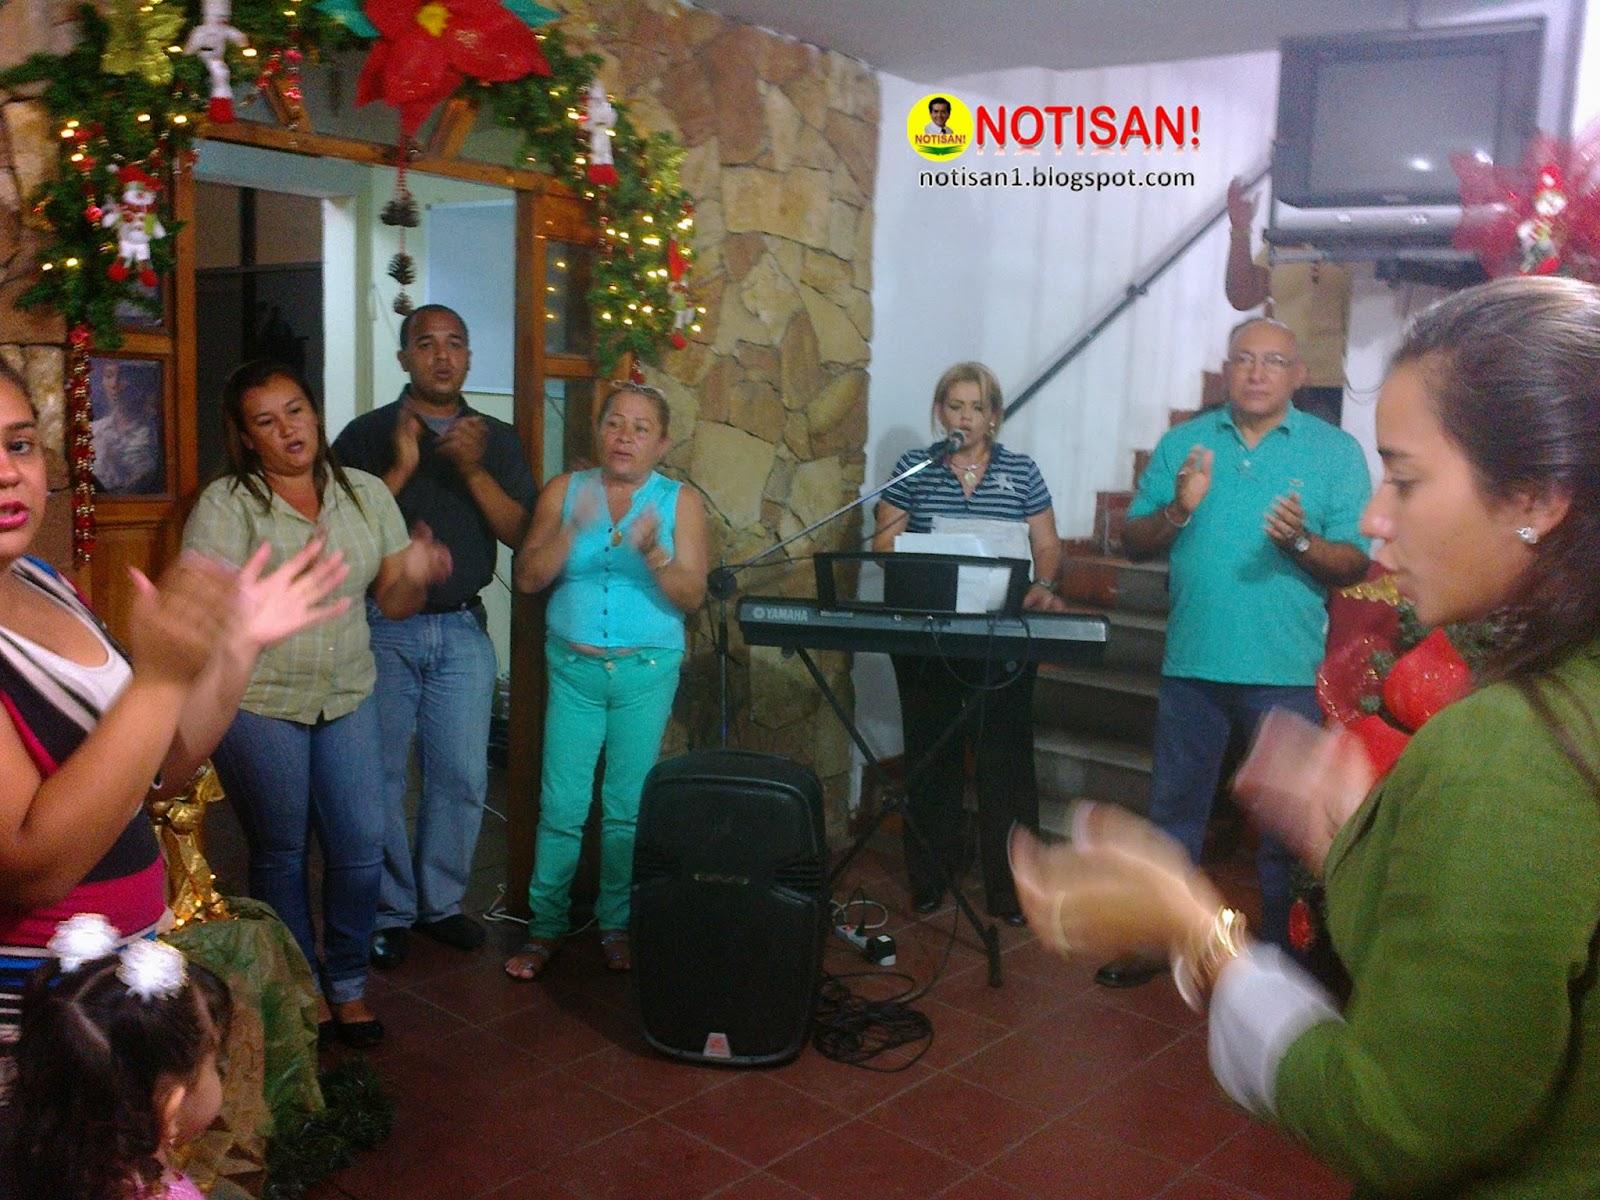 Navidad 2013 en Ureña| Primera Dama Mailyn Elibeth Arellano Durán organiza novena al Divino Niño Jesús | NOTISAN! notisan1.blogspot.com